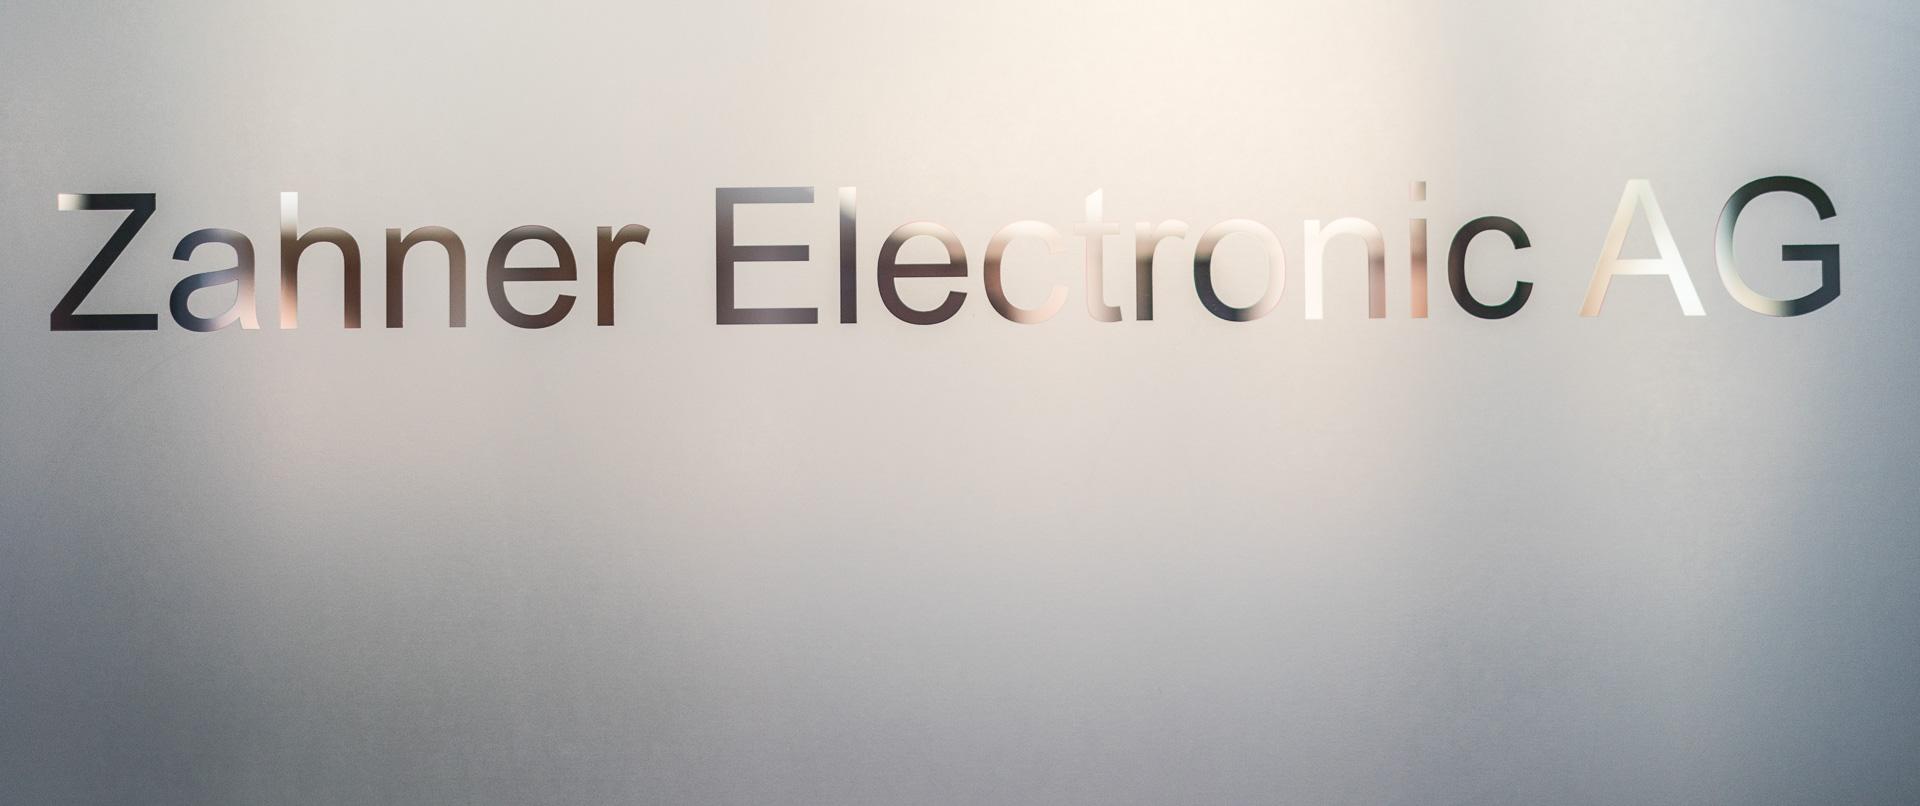 zahner_electronic_steuerunstechnik_0114